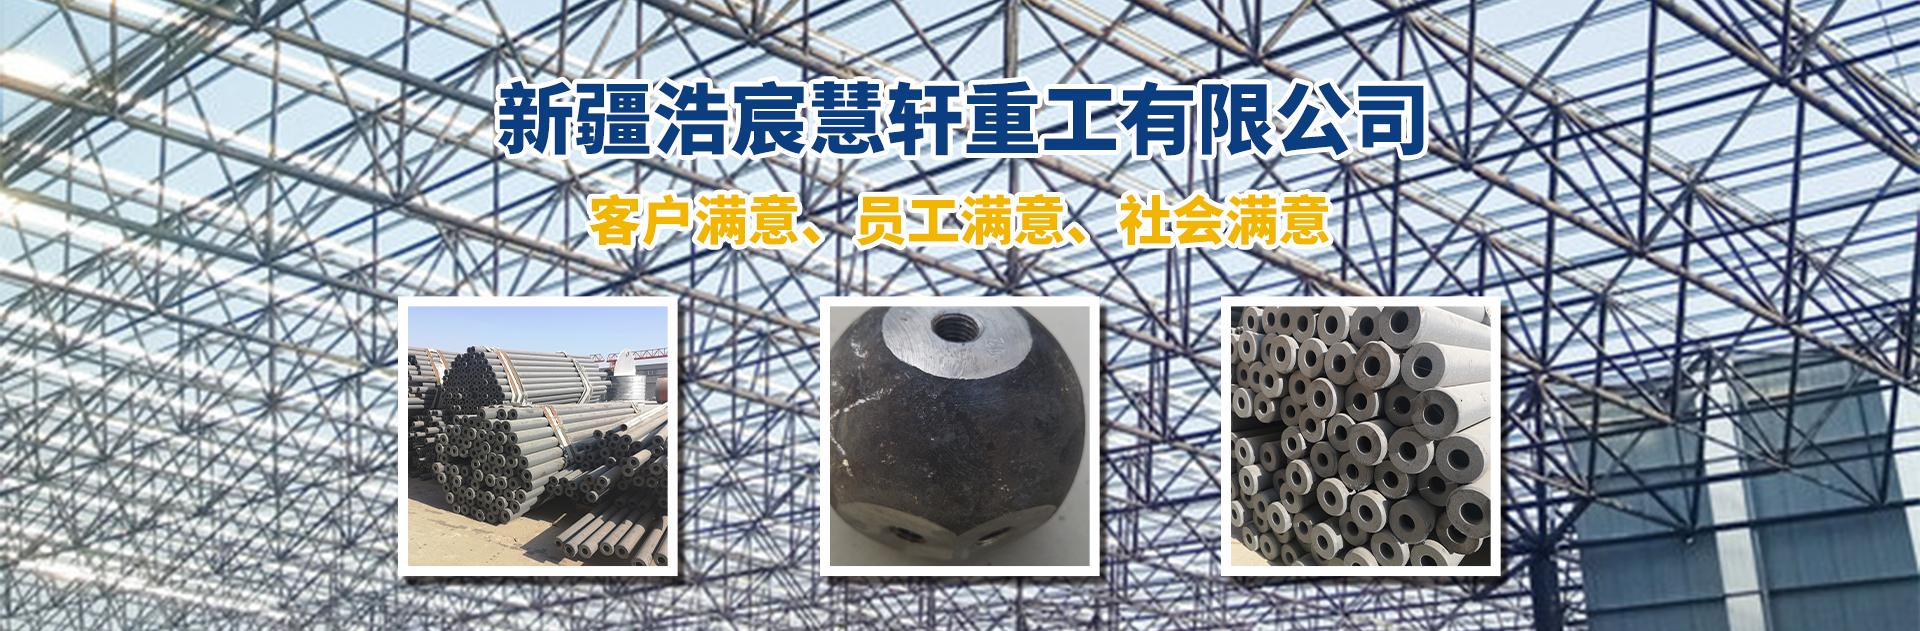 网架钢结构,新疆网架,新疆网架钢结构,新疆油罐